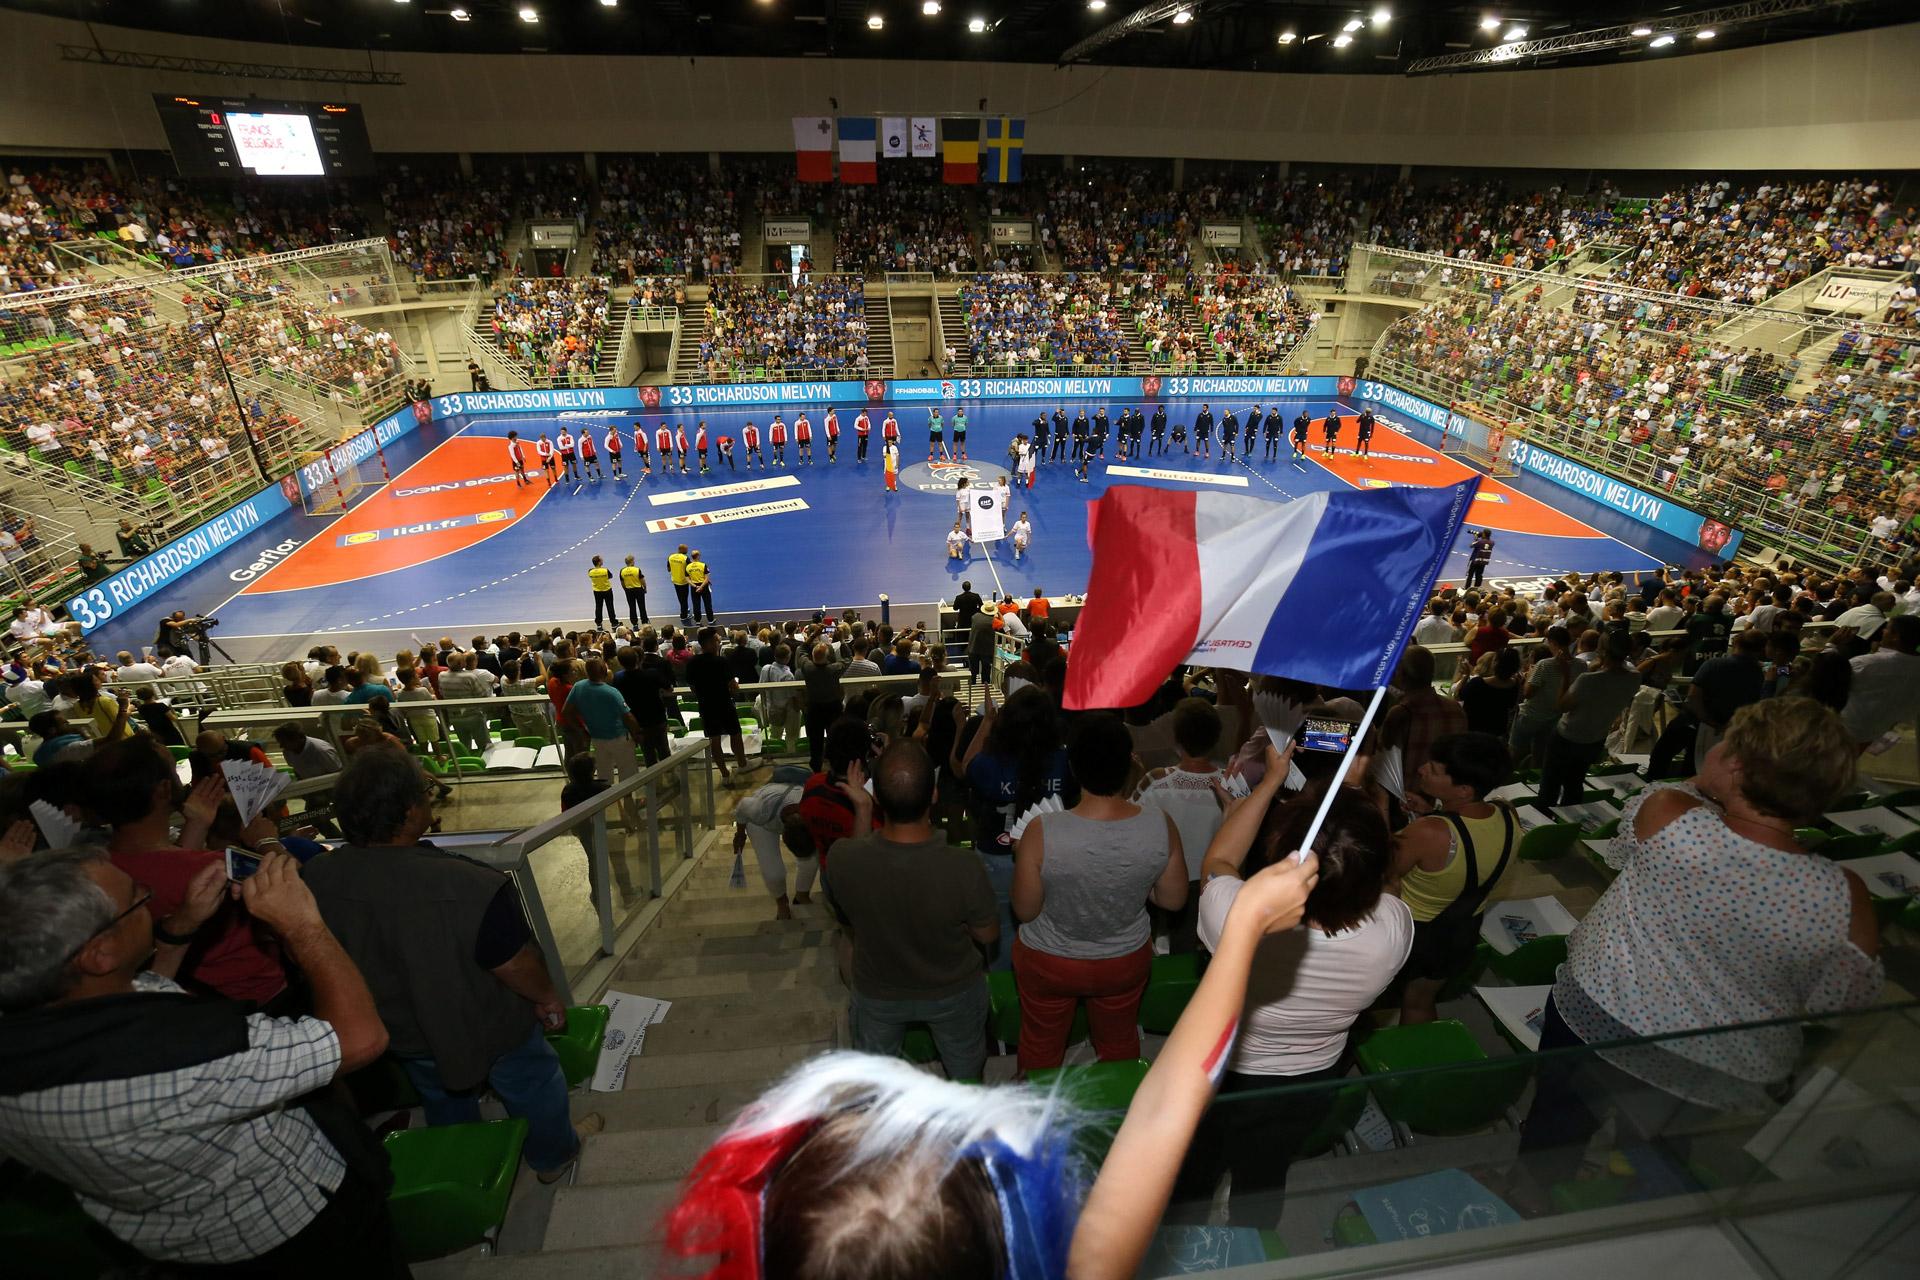 Couleur Sport Productions, Agence Événementielle. Vos Événements sportifs à Belfort-Montbéliard, Bourgogne-Franche-Comté